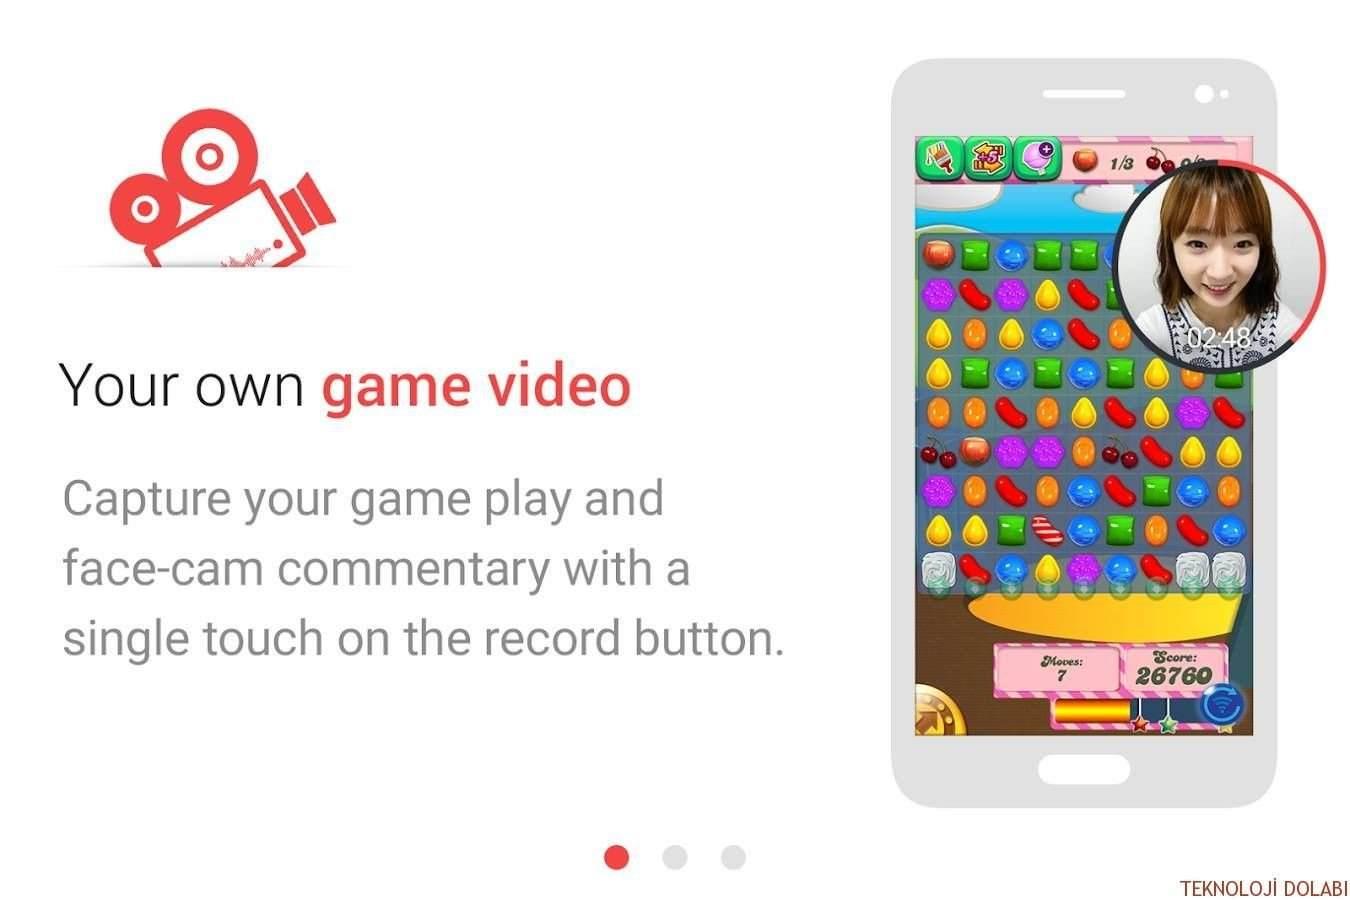 Oyun Oynarken Videolar Kaydedin! 1